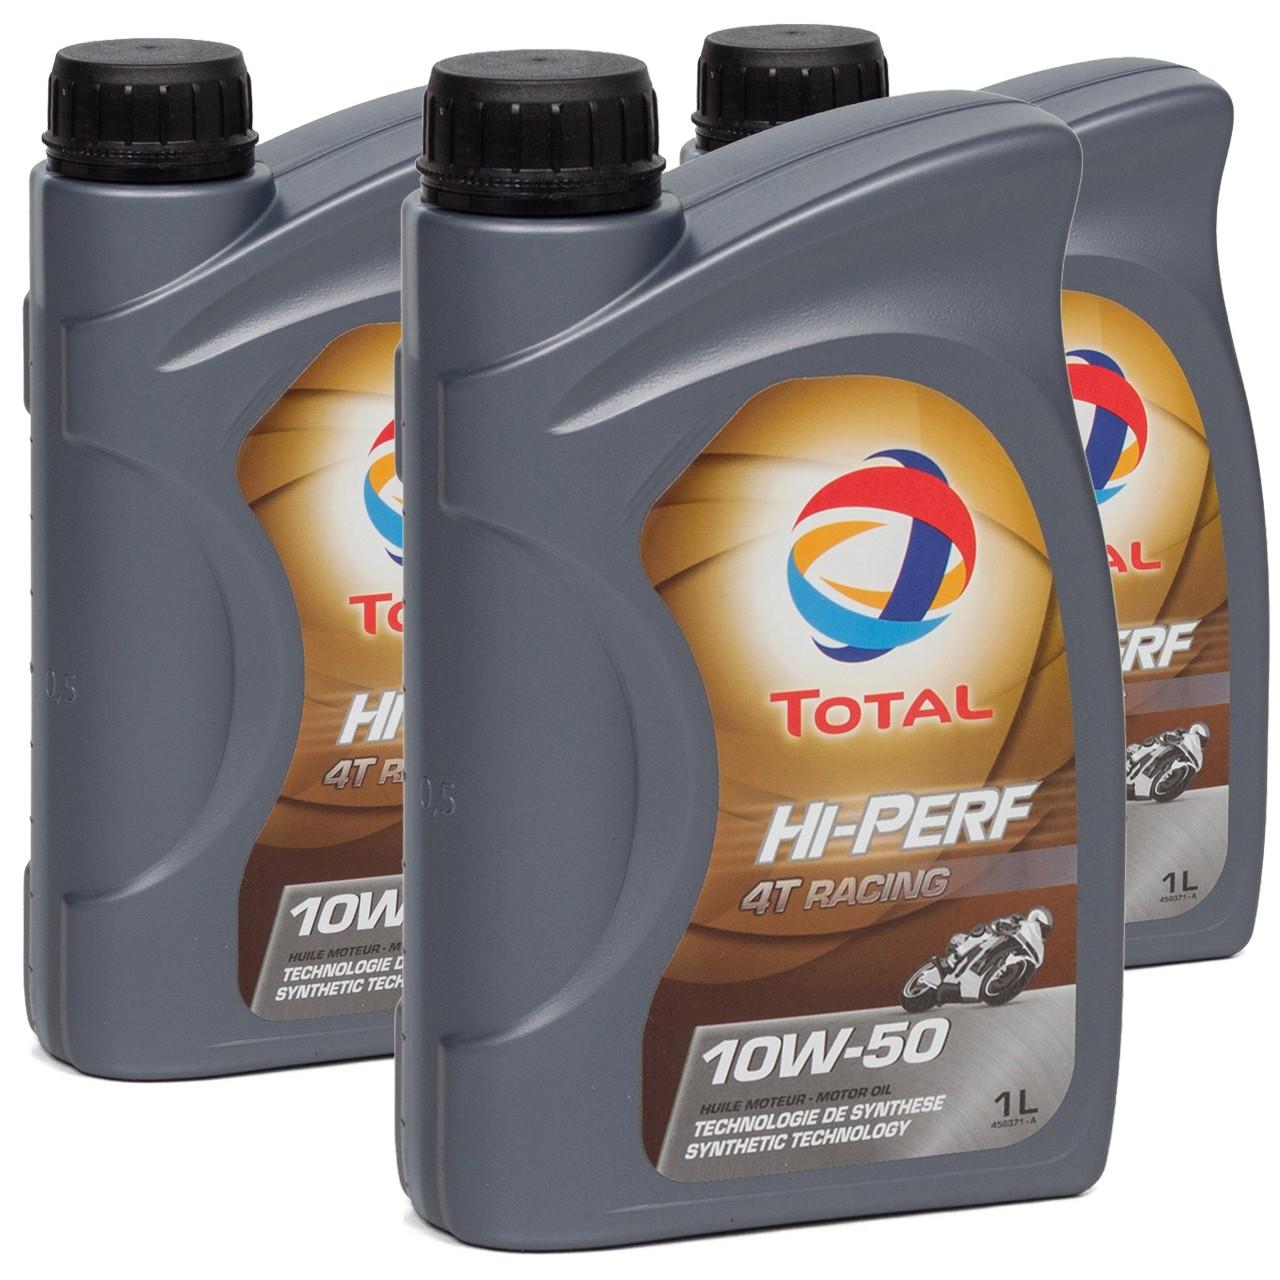 TOTAL HI-PERF 4T RACING Motoröl Öl 10W-50 10W50 API SN JASO MA-2 - 3L 3 Liter